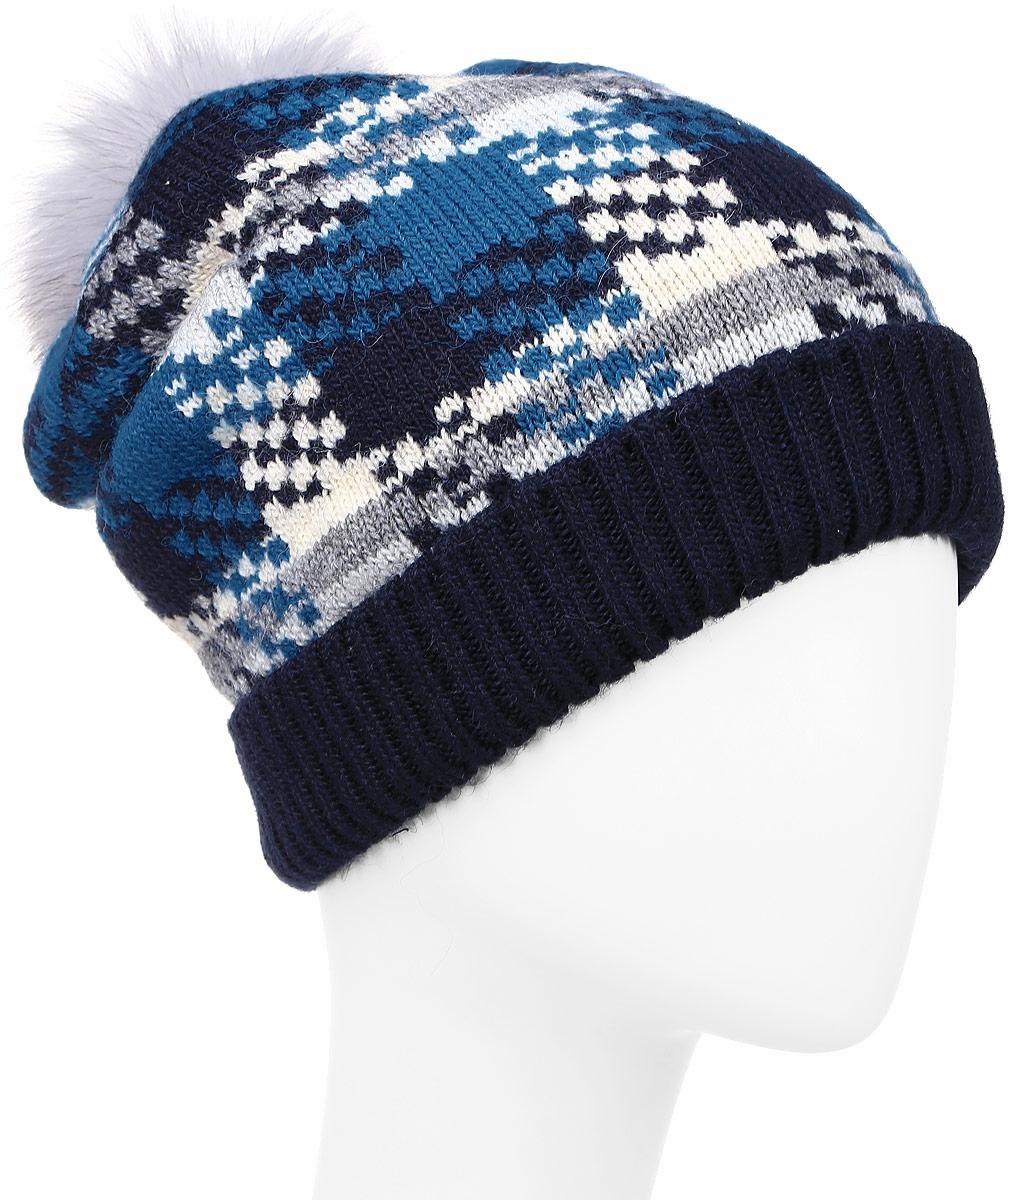 ШапкаW16-32122_202Теплая женская шапка Finn Flare, выполненная из акрила с добавлением шерсти, отлично дополнит ваш образ в холодную погоду. Модель с помпоном из натурального меха песца по низу связана резинкой. Изделие дополнено отворотом и декоративной складкой сзади. Шапка оформлена оригинальным вязаным узором и фирменной металлической нашивкой. Шапка составит идеальный комплект с модной верхней одеждой и подарит вам уют и тепло. Уважаемые клиенты! Размер, доступный для заказа, является обхватом головы.